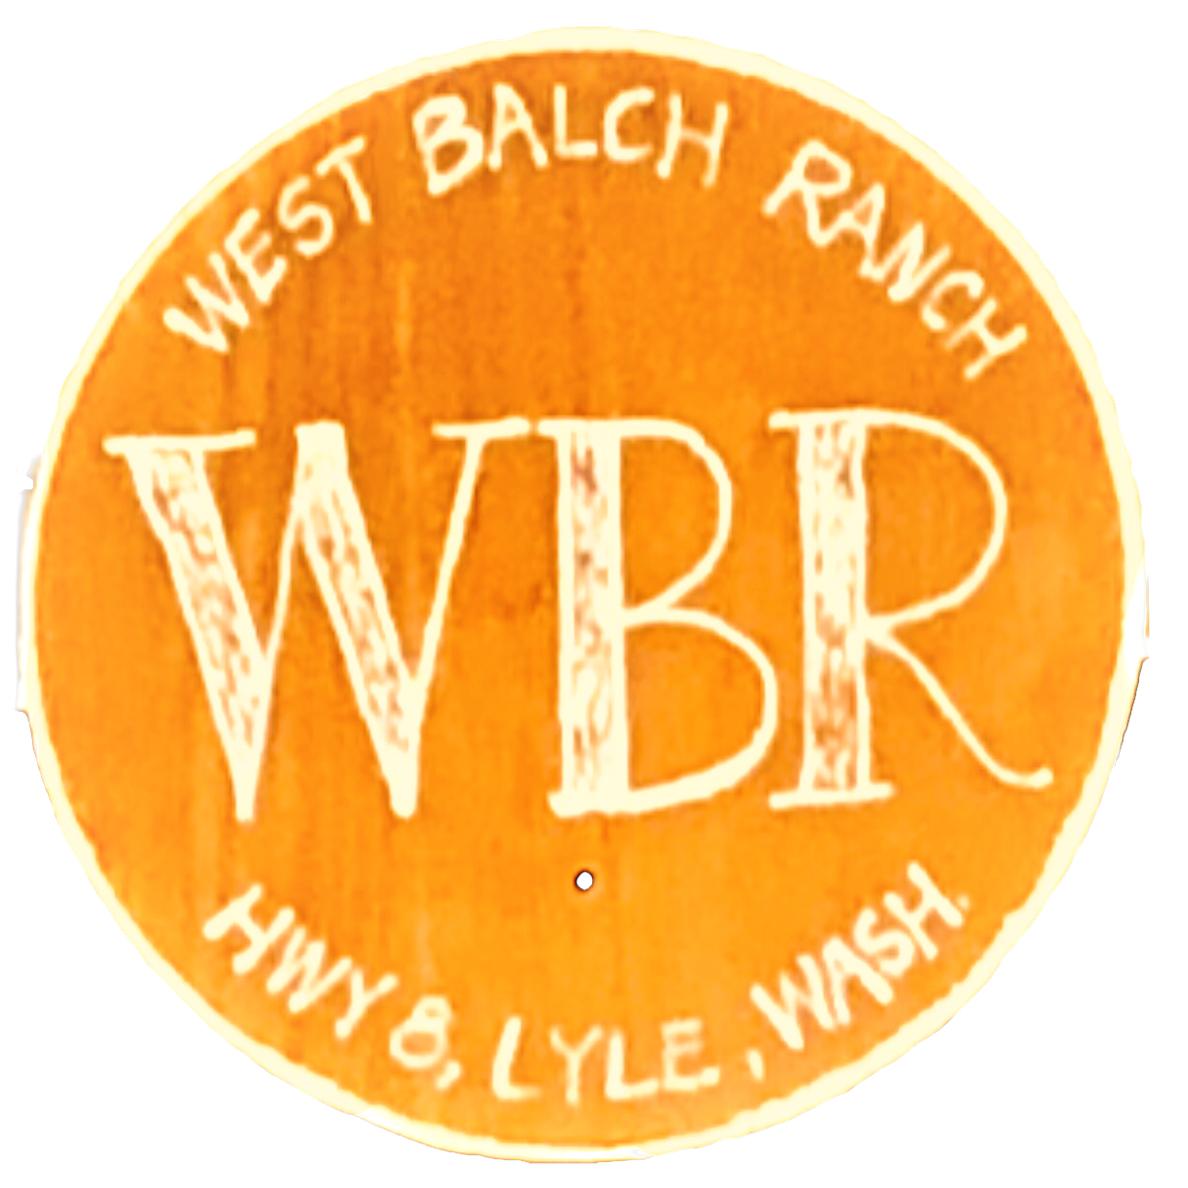 West Balch Ranch LLC